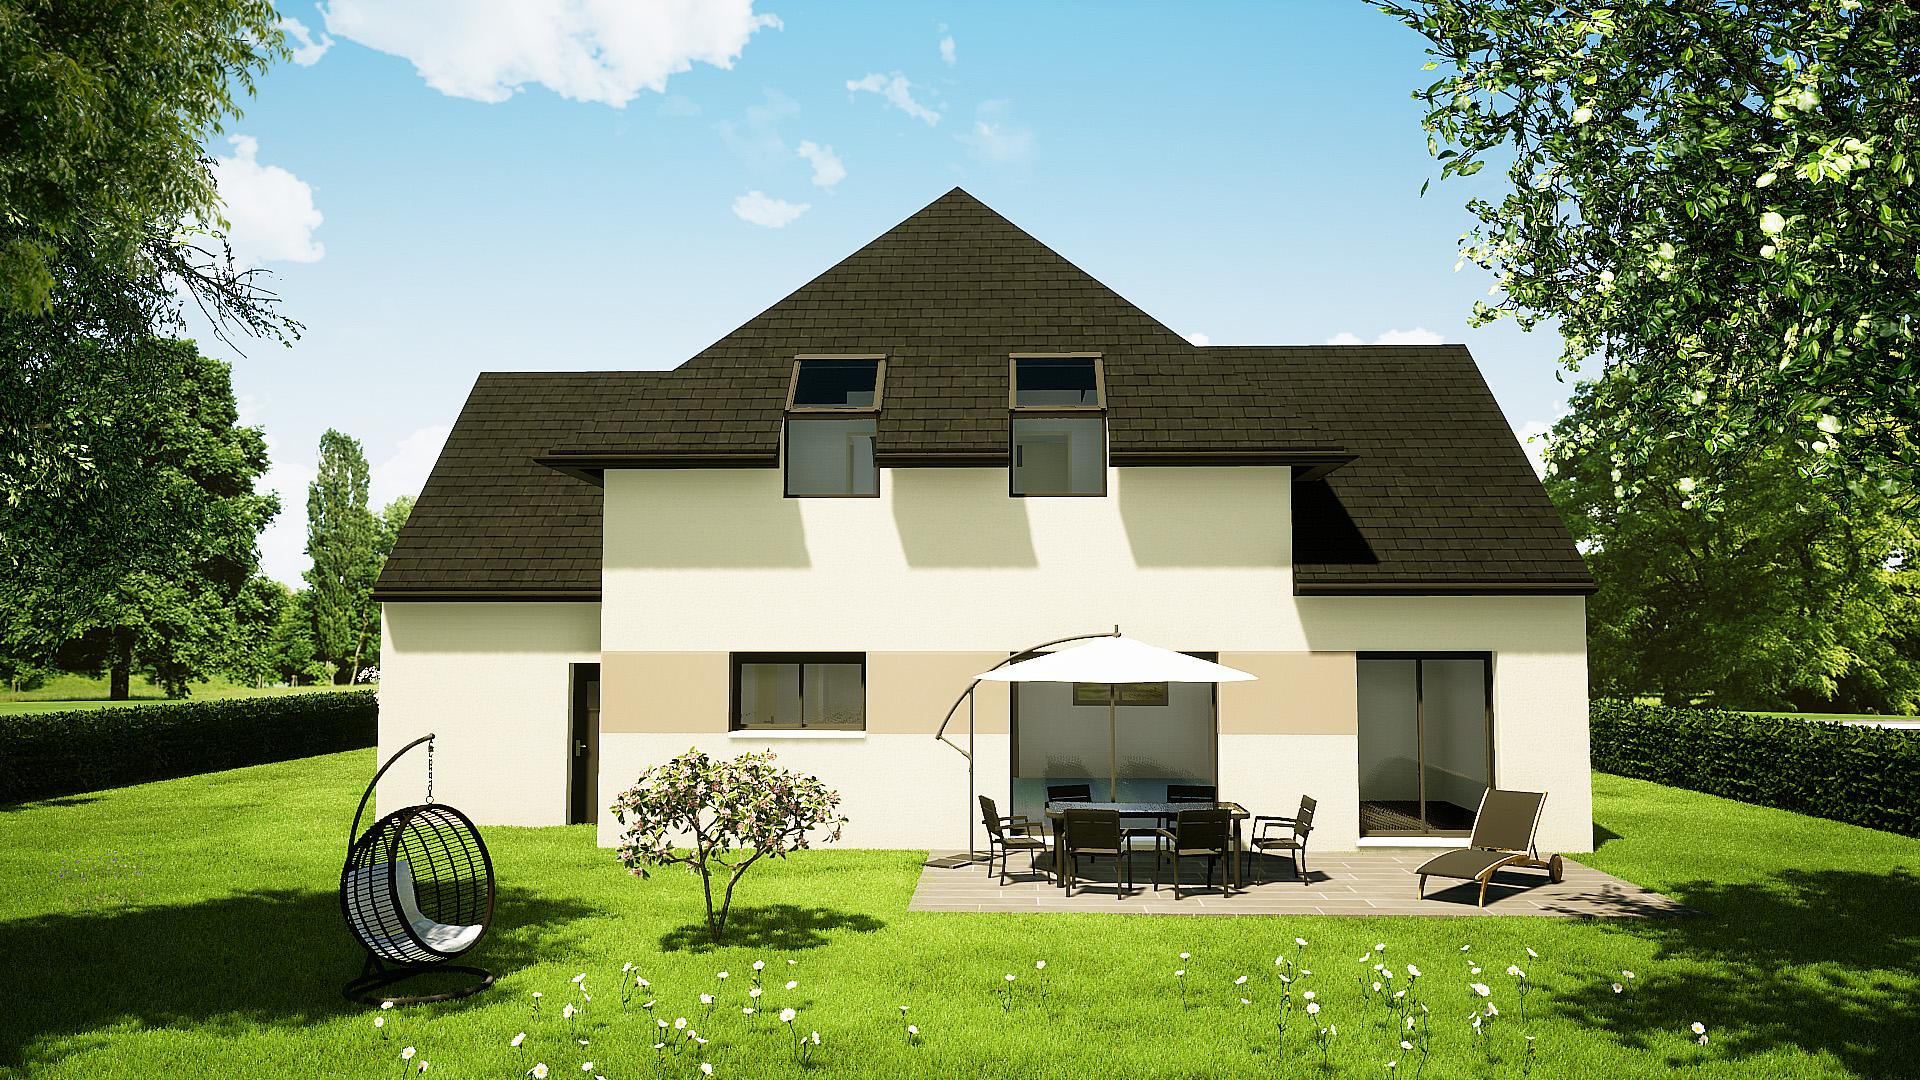 Modèle maisons Brette-les-pins 72250 façade arrière maison semi R+1 4 chambres constructeur maison le mans constructeur maison en sarthe maisons LG